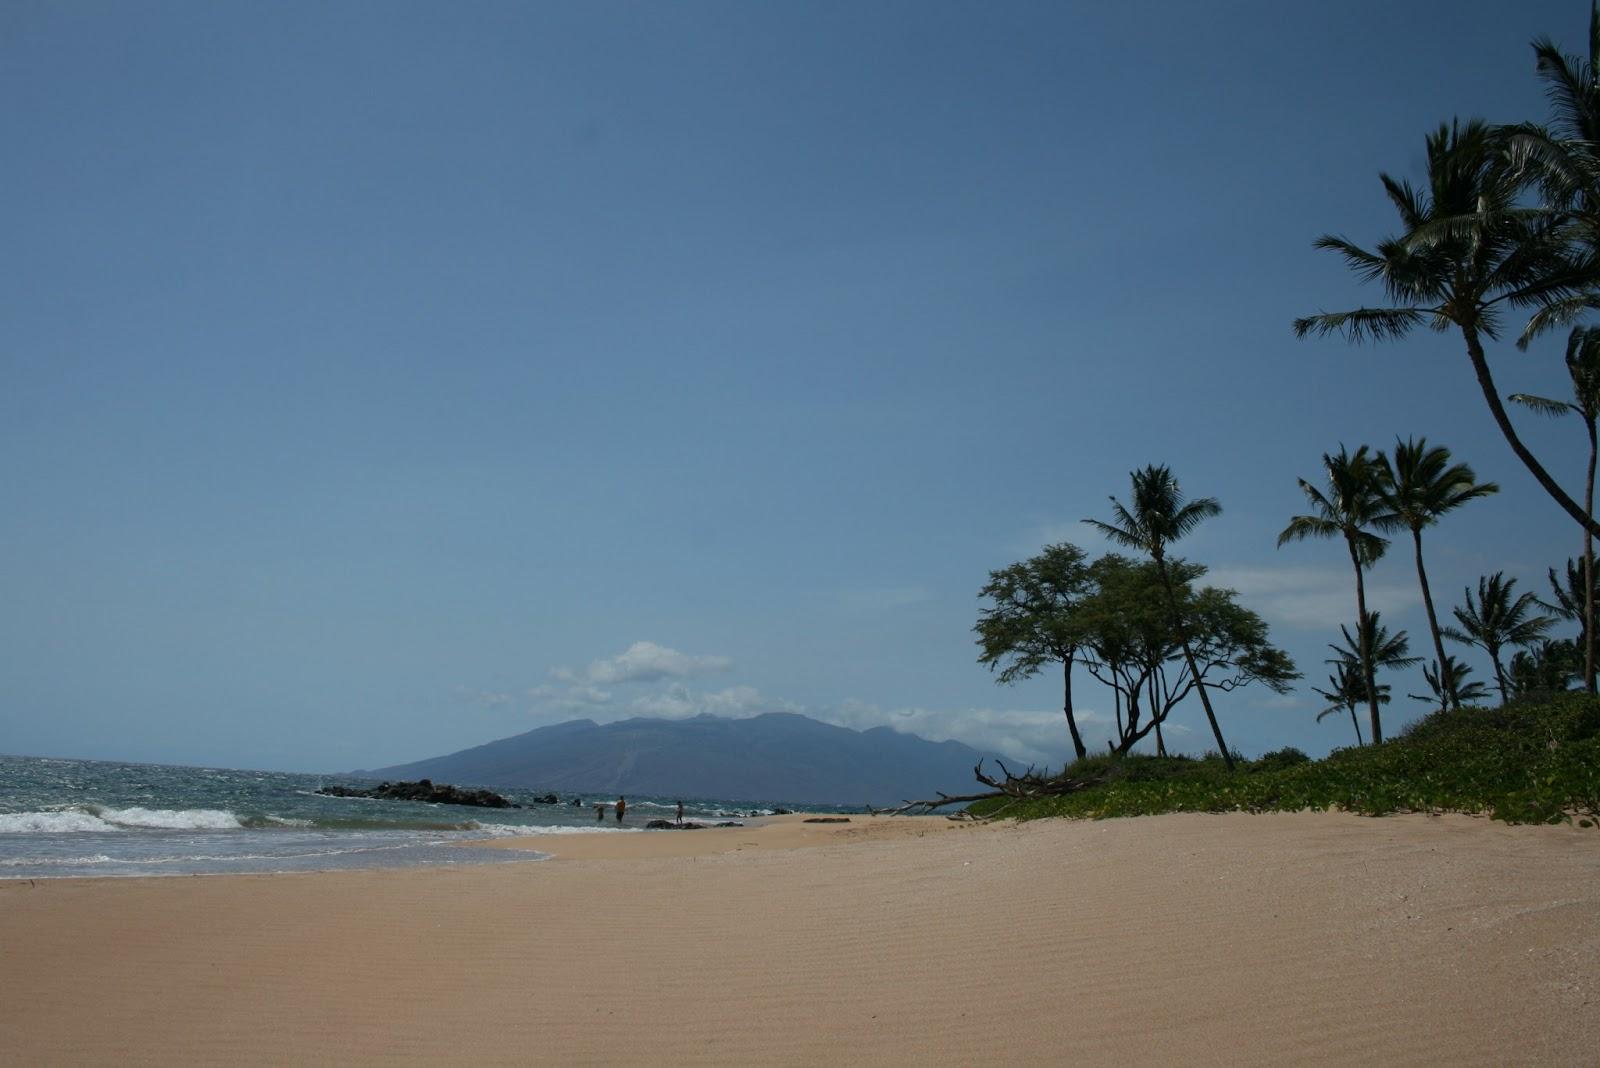 Auf zur nächsten Traumreise....: 26.4. - Ein Freitag in Kihei, Maui...